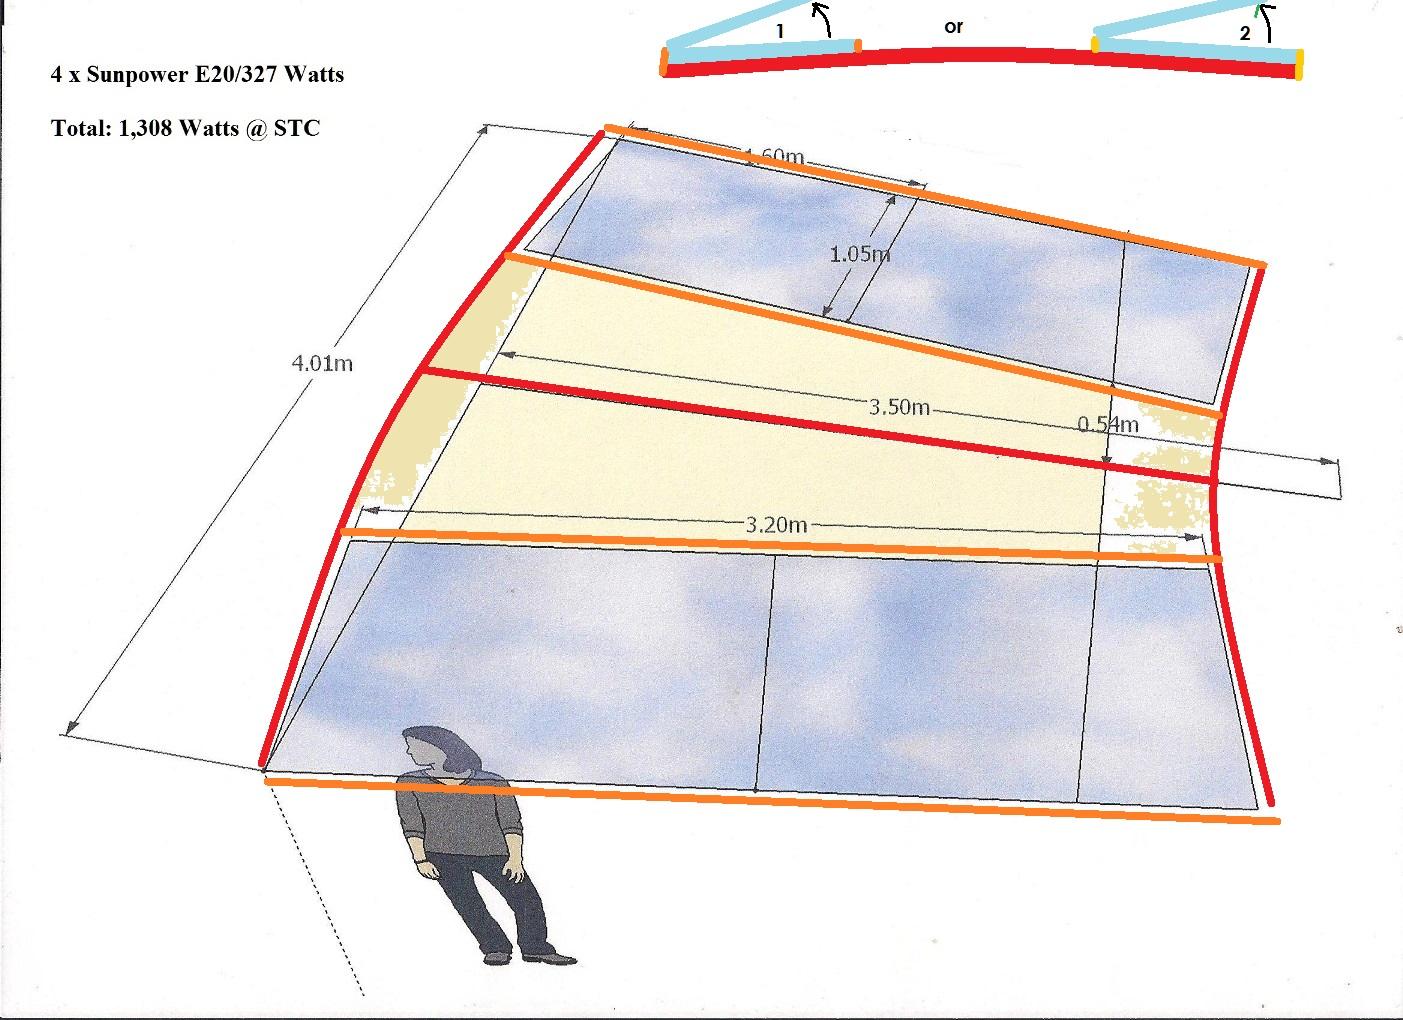 Click image for larger version  Name:Hinge Sunpower E20-327 Watt Bimini Fit EM.jpg Views:138 Size:375.0 KB ID:57491